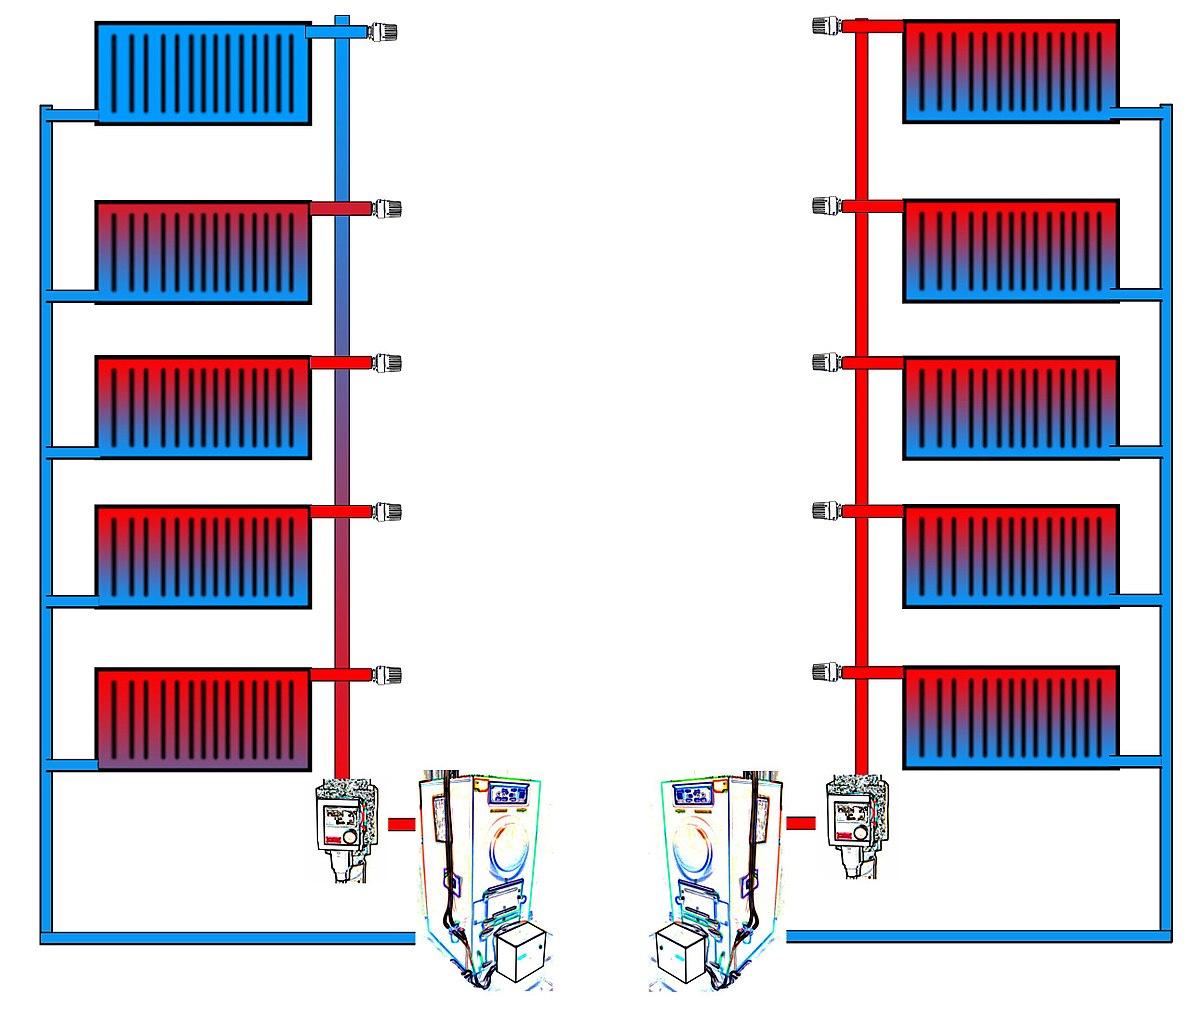 u00c9quilibrage  hydraulique   u2014 wikip u00e9dia